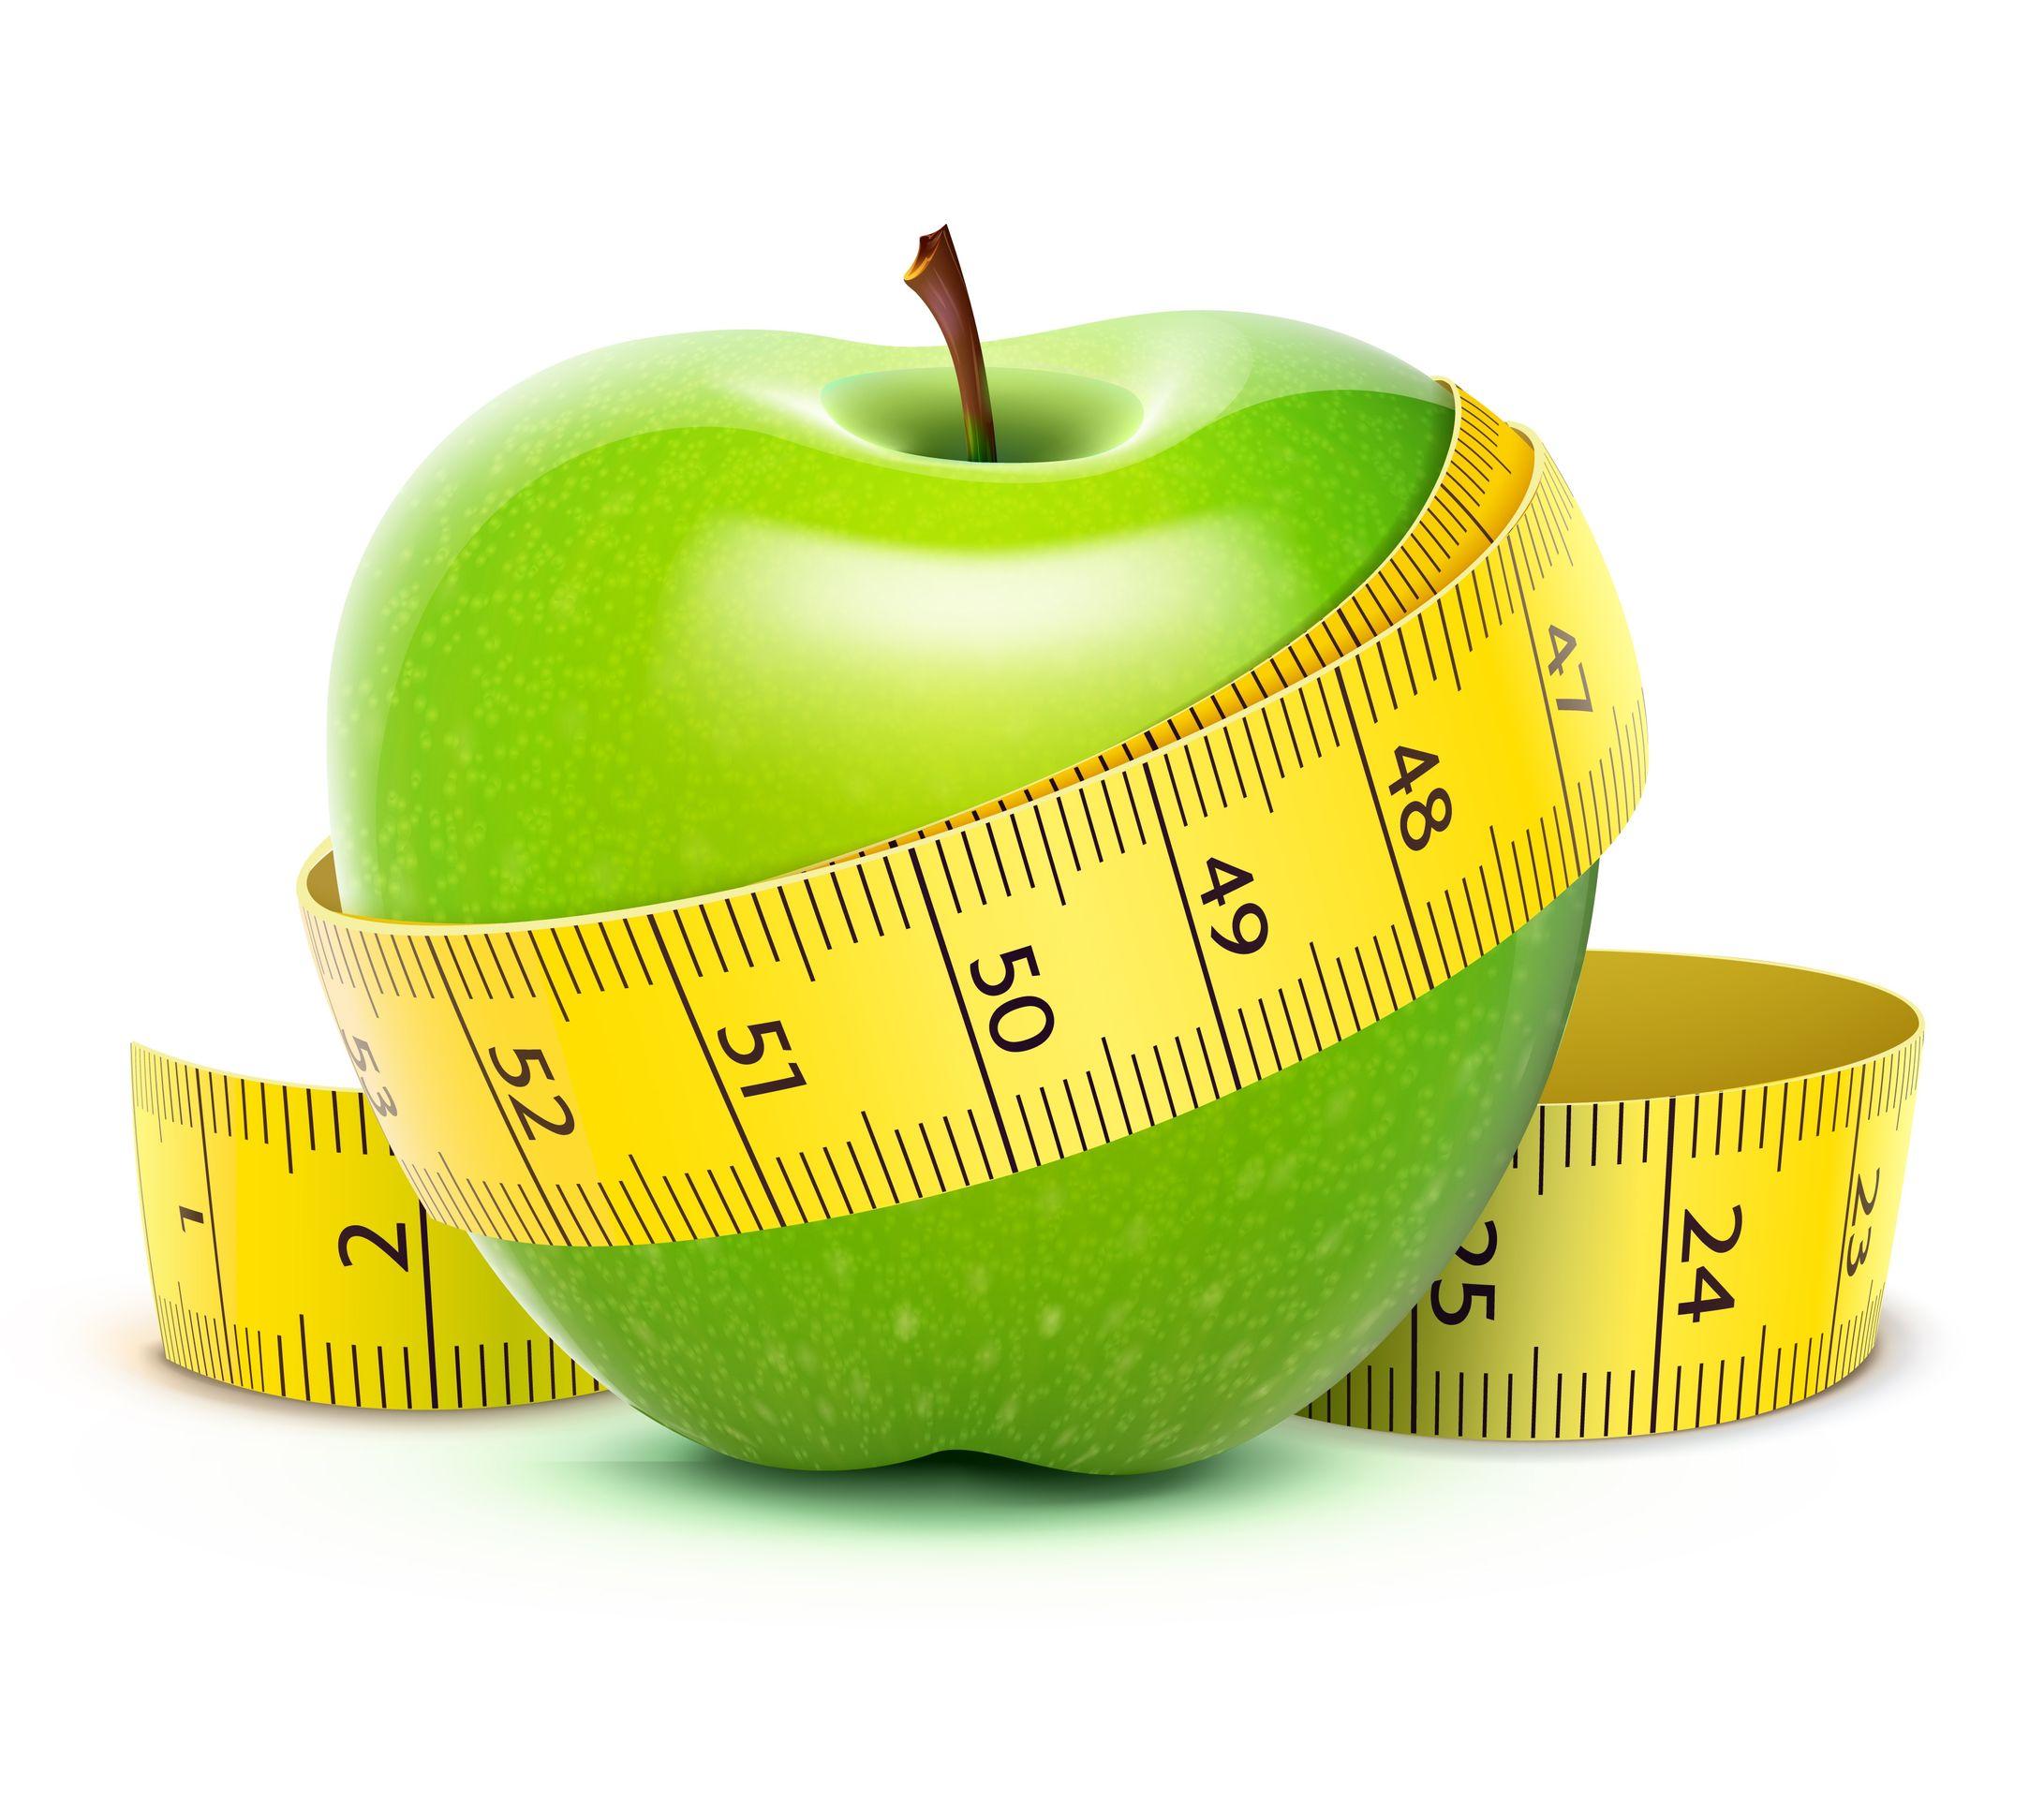 ¿Cómo te ayuda la manzana a adelgazar? - El Blog de la